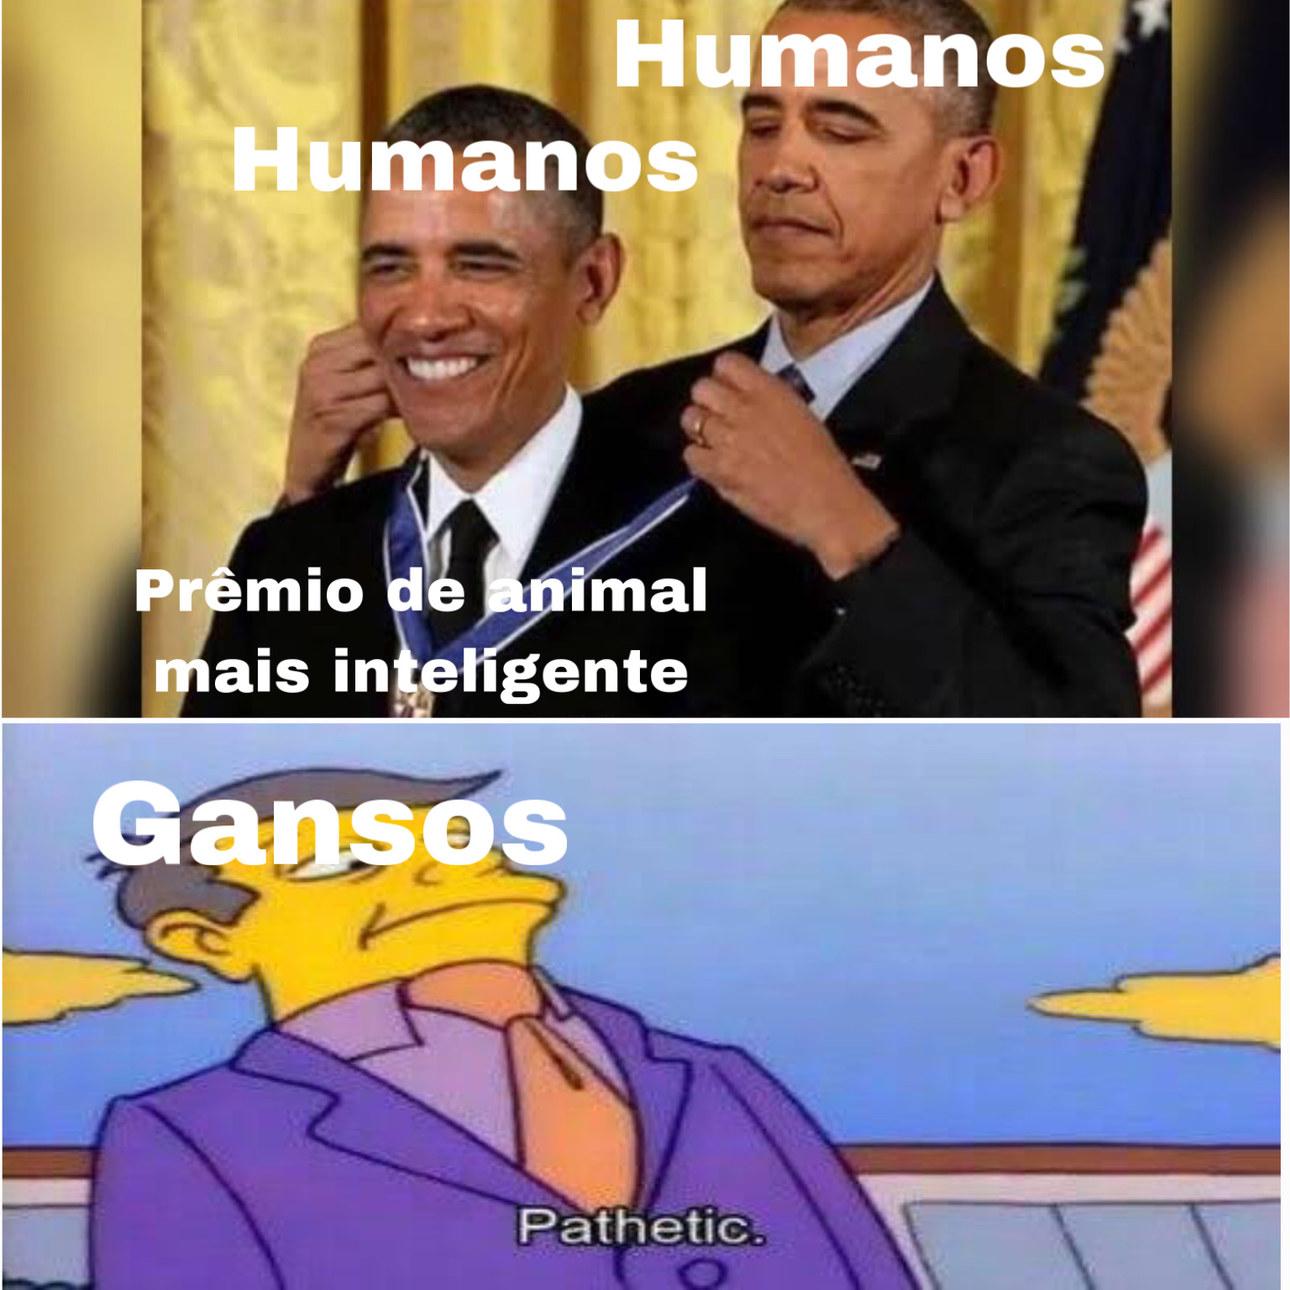 Ganso - meme